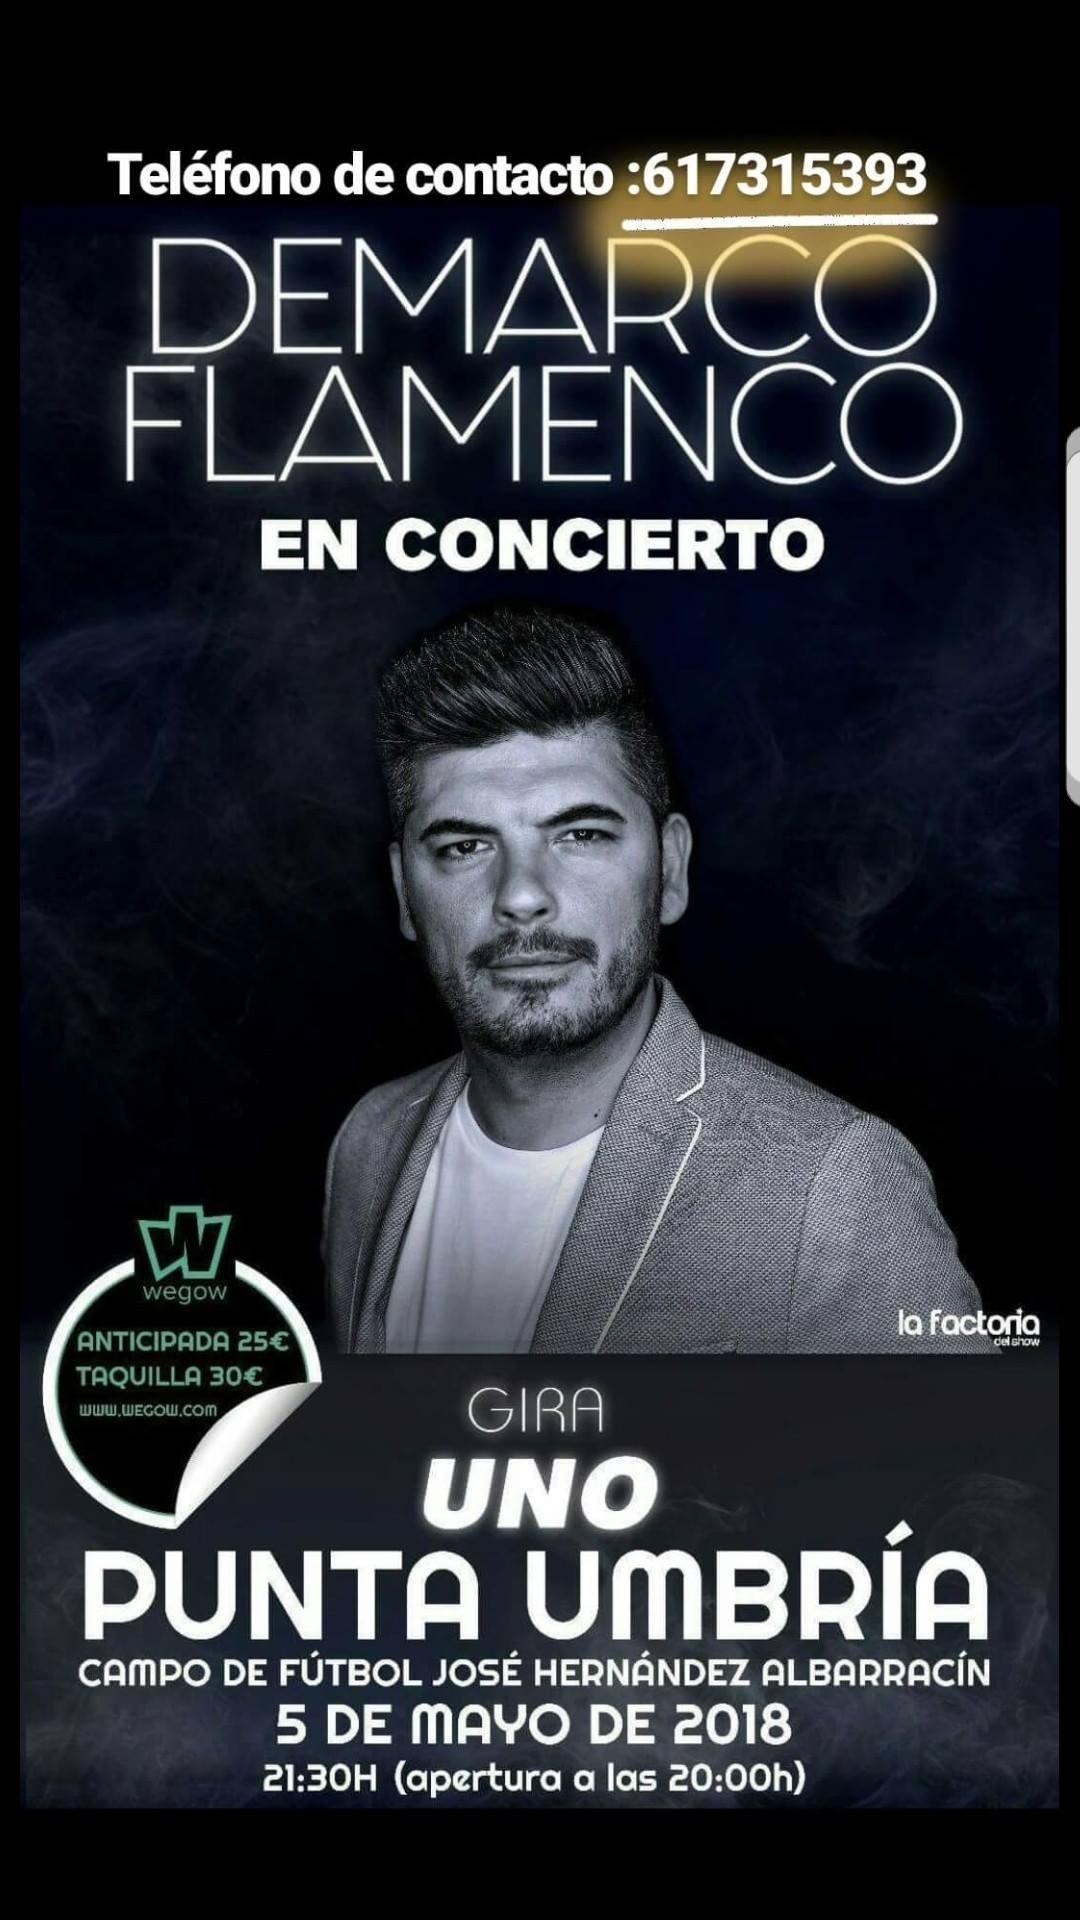 Concierto de Demarco Flamenco en Punta Umbría. Comprar Entradas.